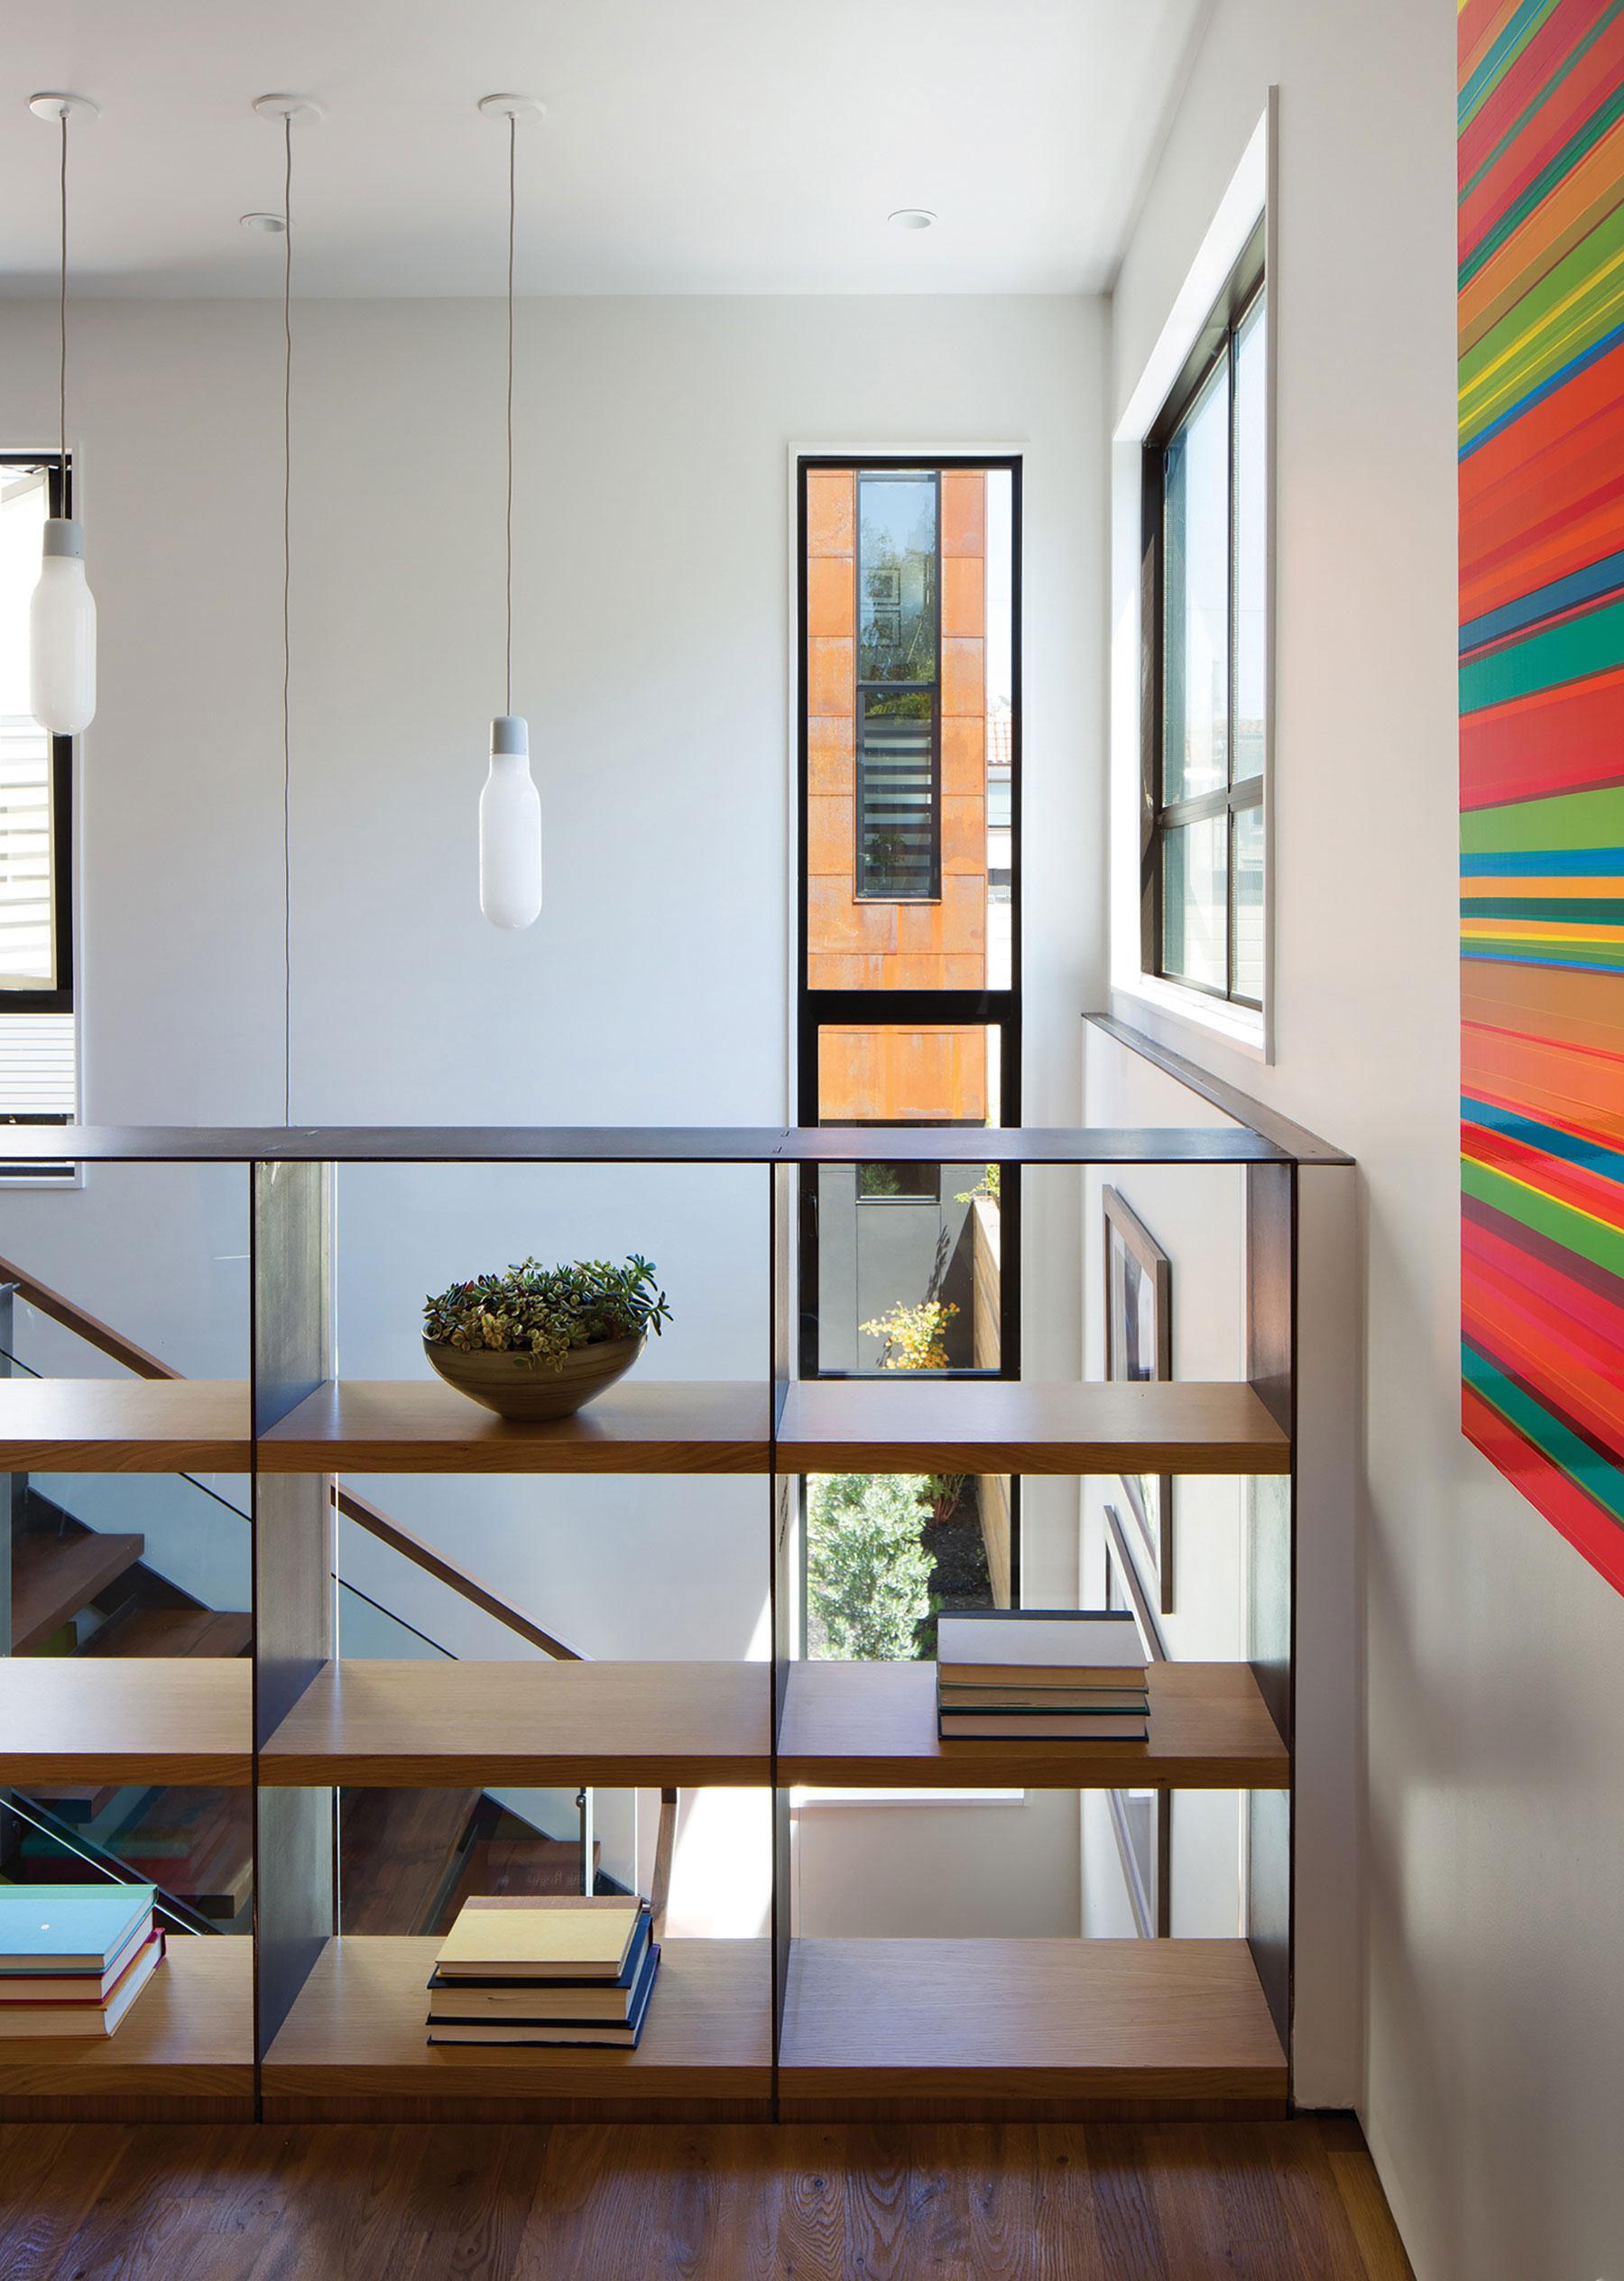 Bright and Elegant Interior Design of Steelhouse 1 plus 2 by Zack de Vito Architecture-08